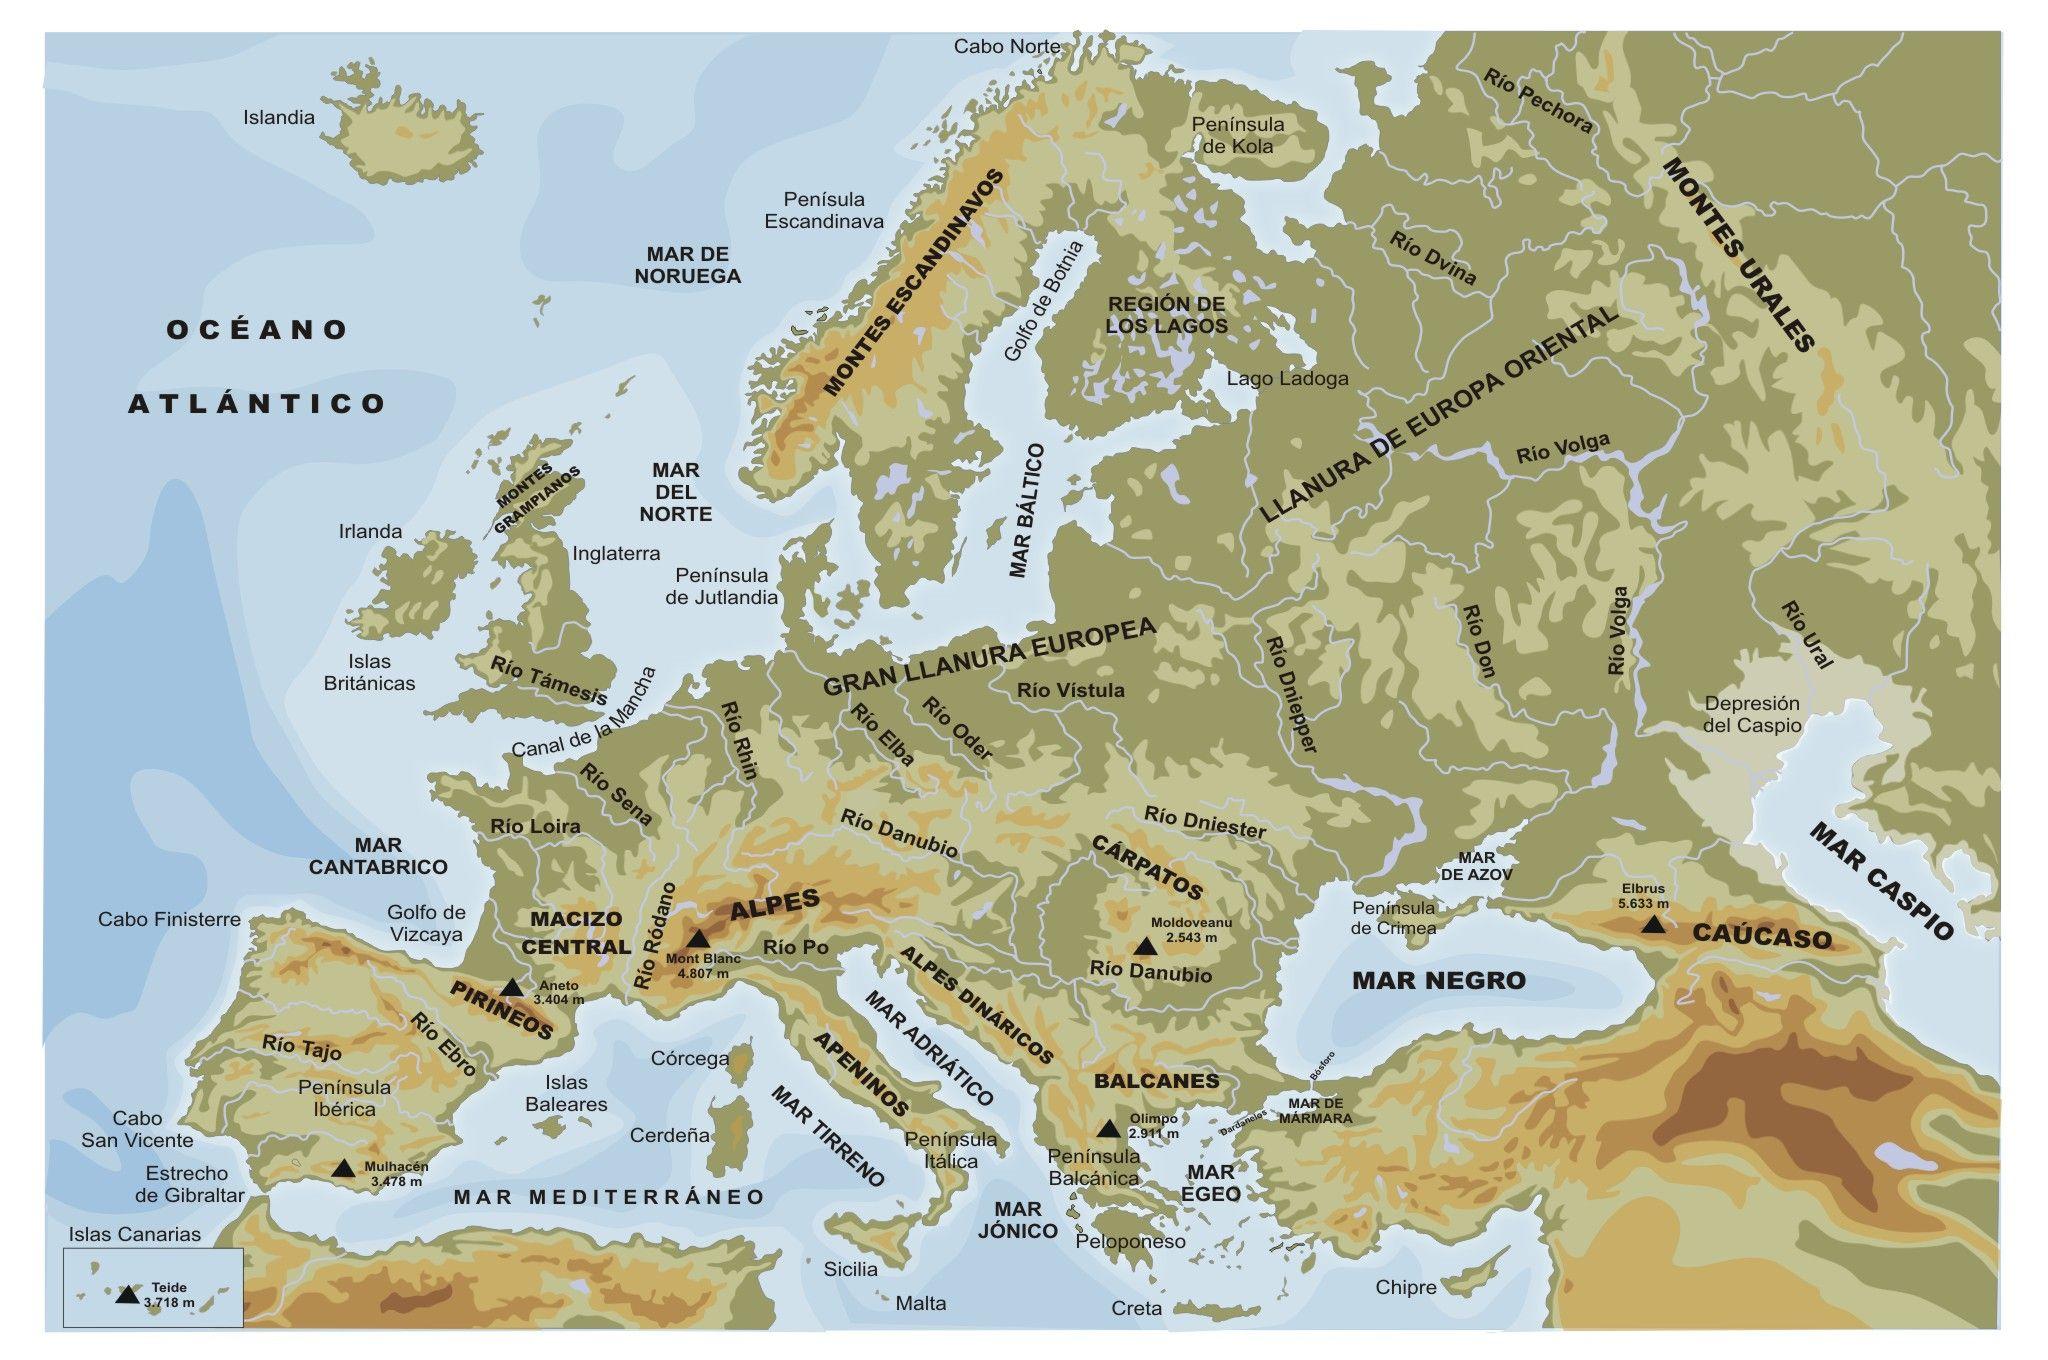 Mapa hidrográfico